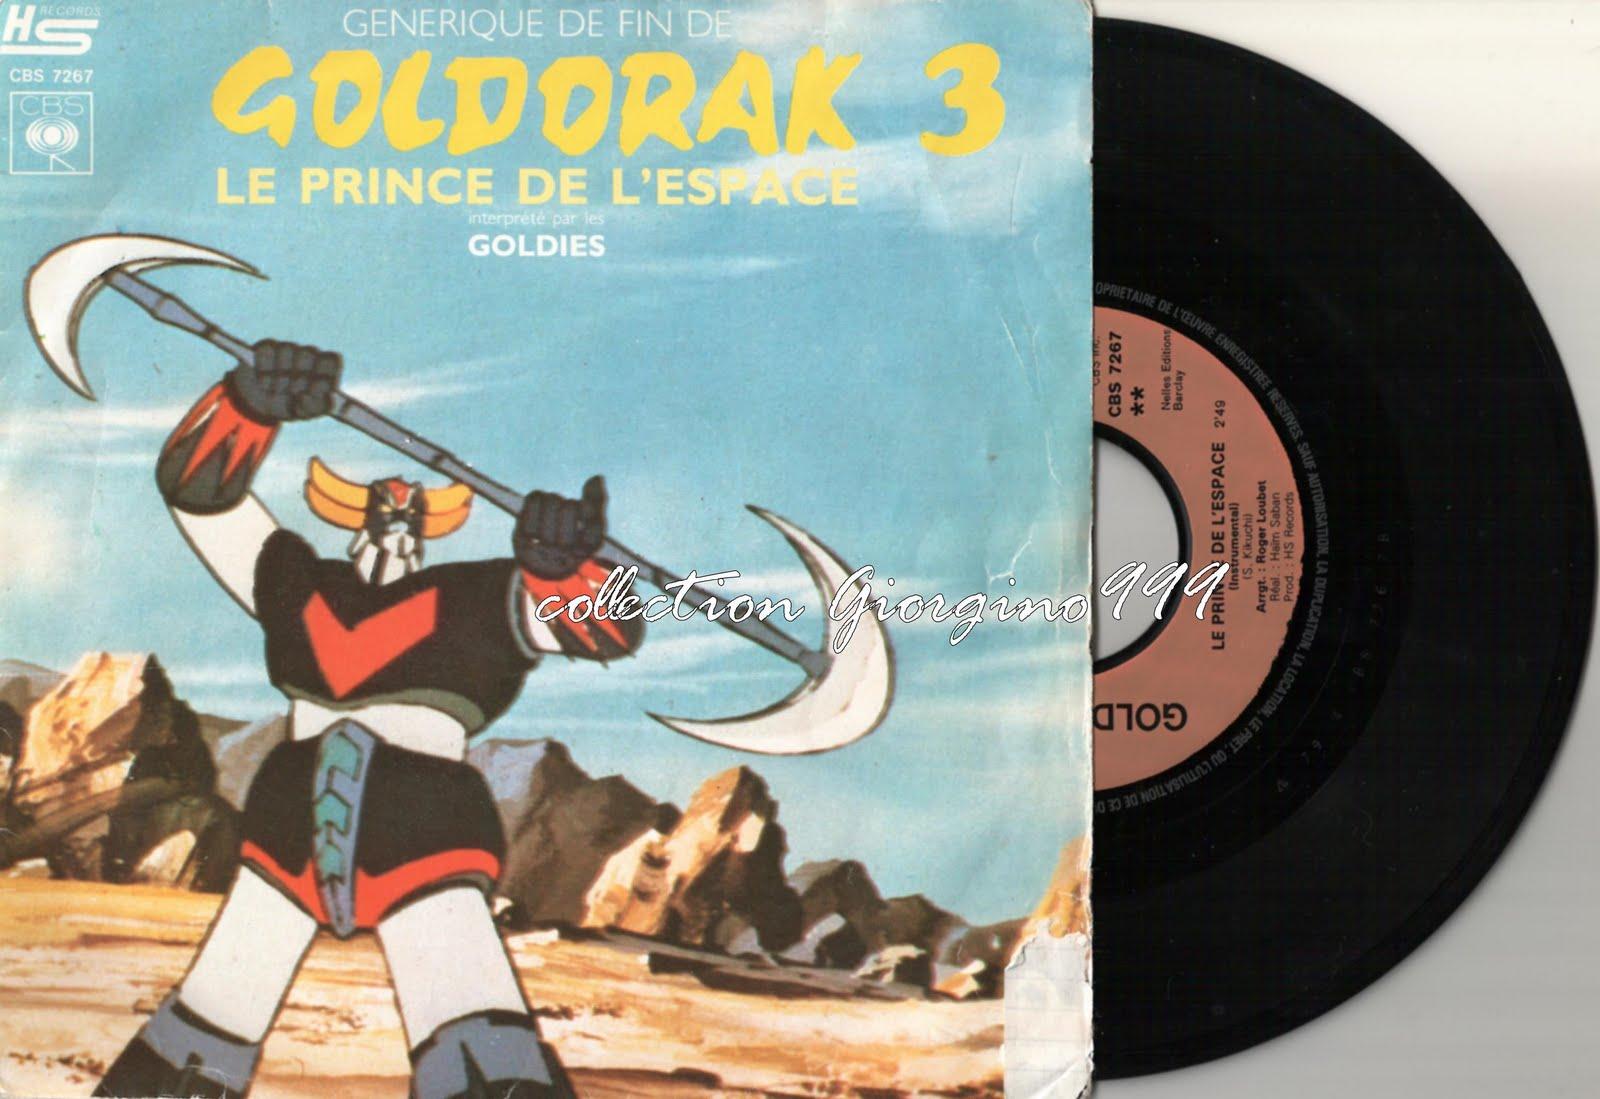 Les musiques de jeux vidéo en vinyle. Goldorak+3